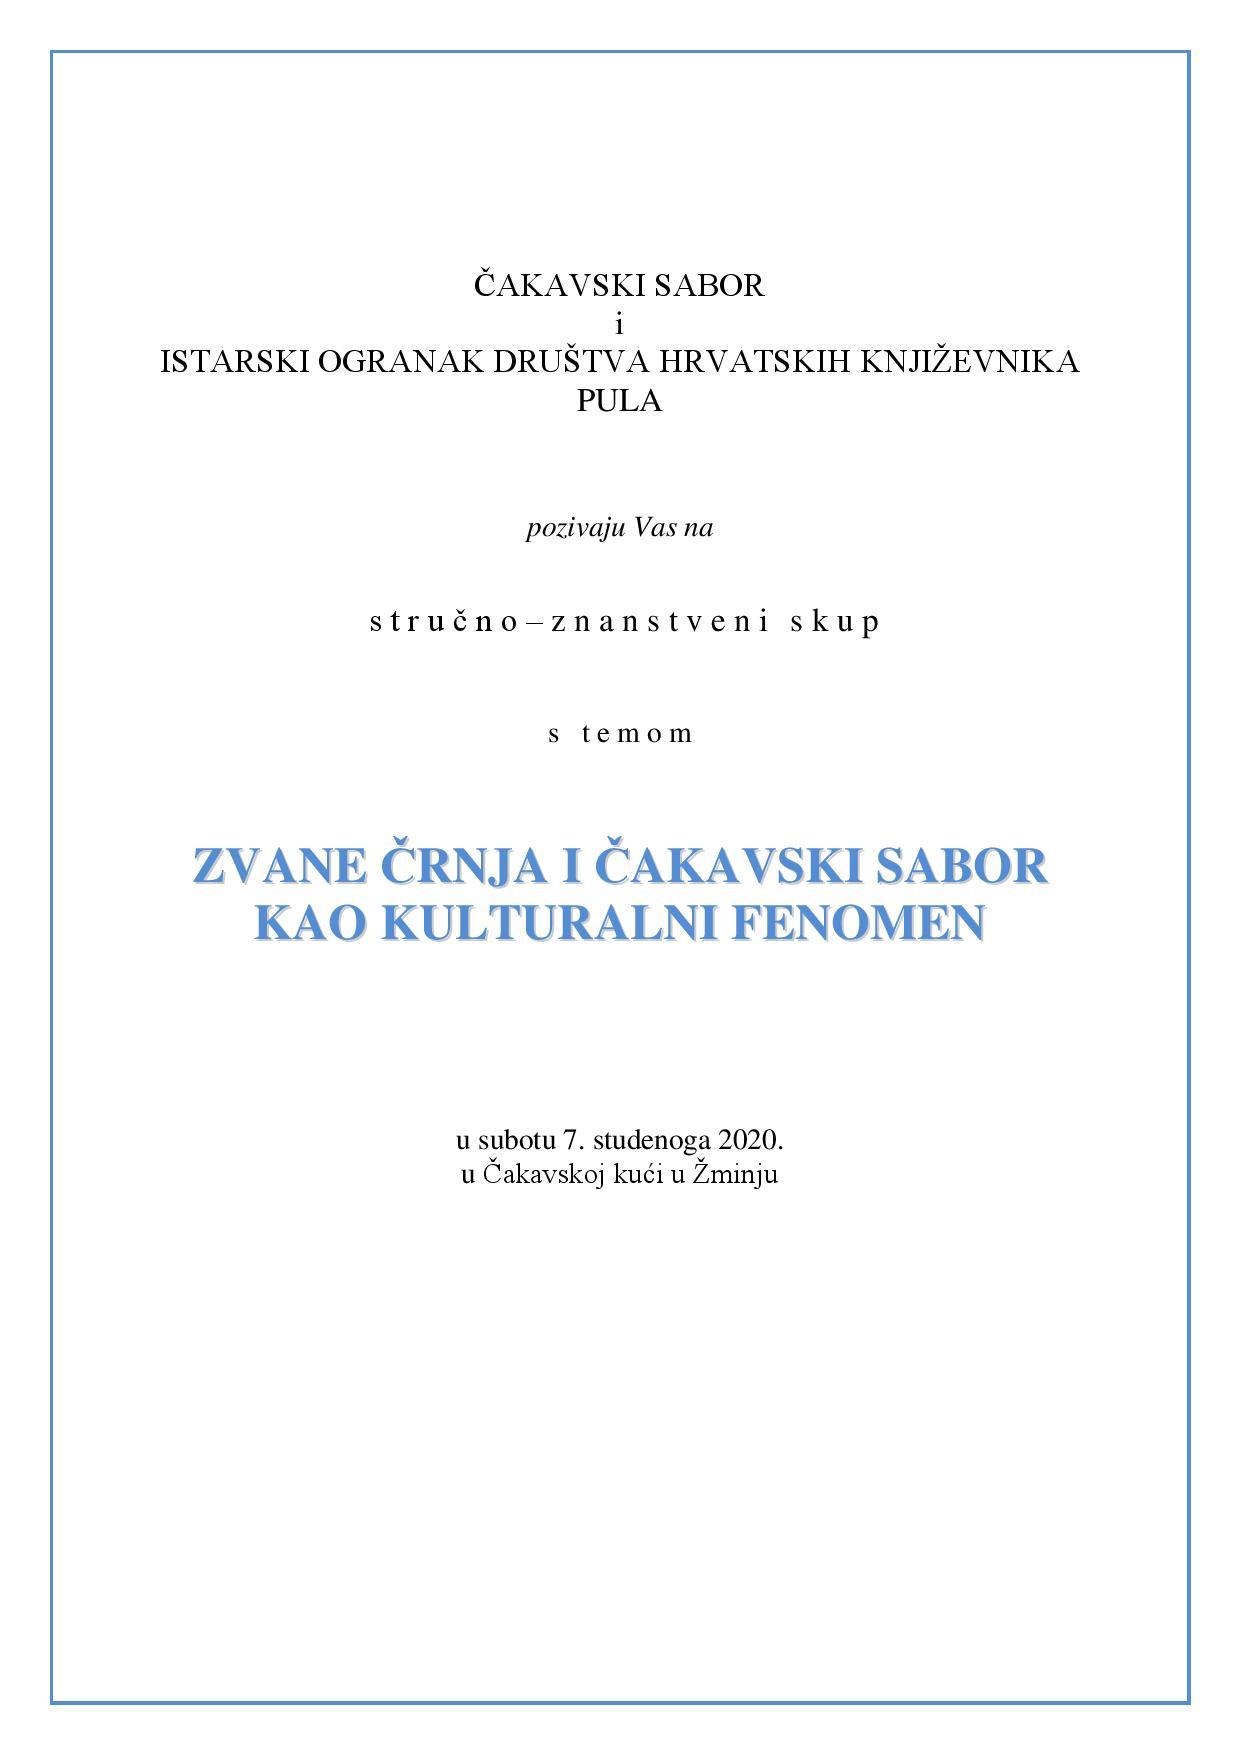 Crnja i cs - zminj 2020. - pozivnica i program-page-002